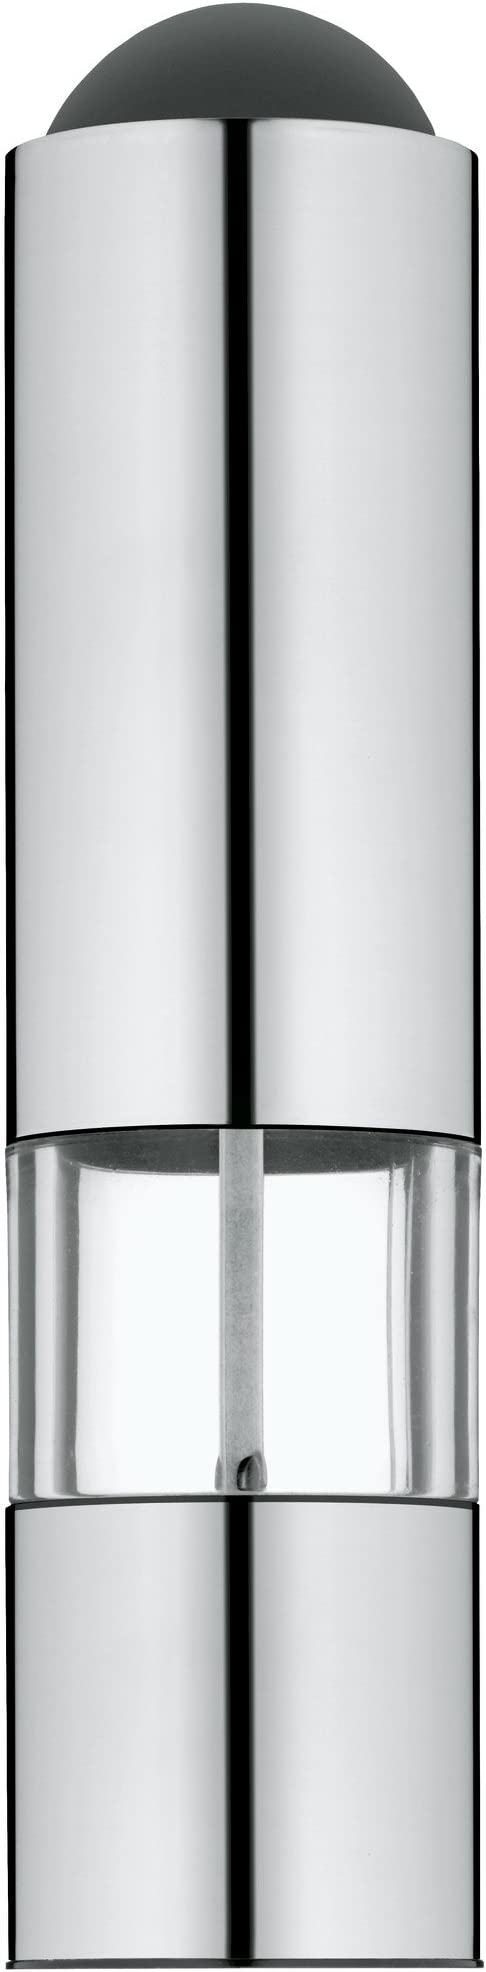 Wmf Elektrische Mühle 21 Cm Salz Und Pfeffermühle Unbefüllt Led Leuchte Cromargan Edelstahl Matt Glas Keramikmahlwerk Amazon De Küche Haushalt